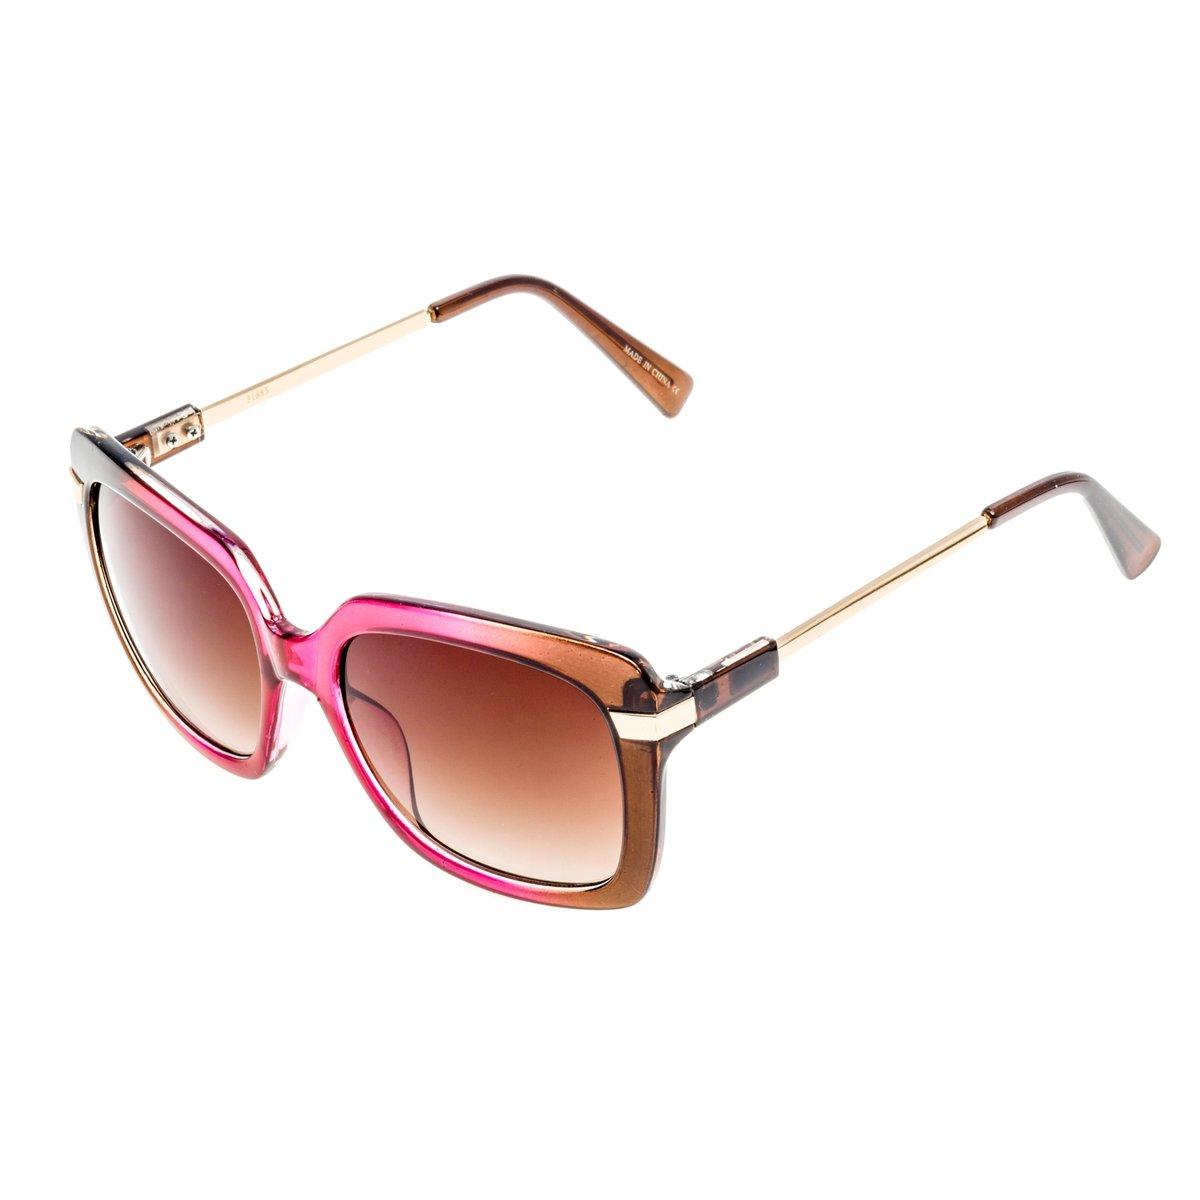 0dc9c14ccdaa0 Óculos Quadrado Khatto KT31885 - Compre Agora